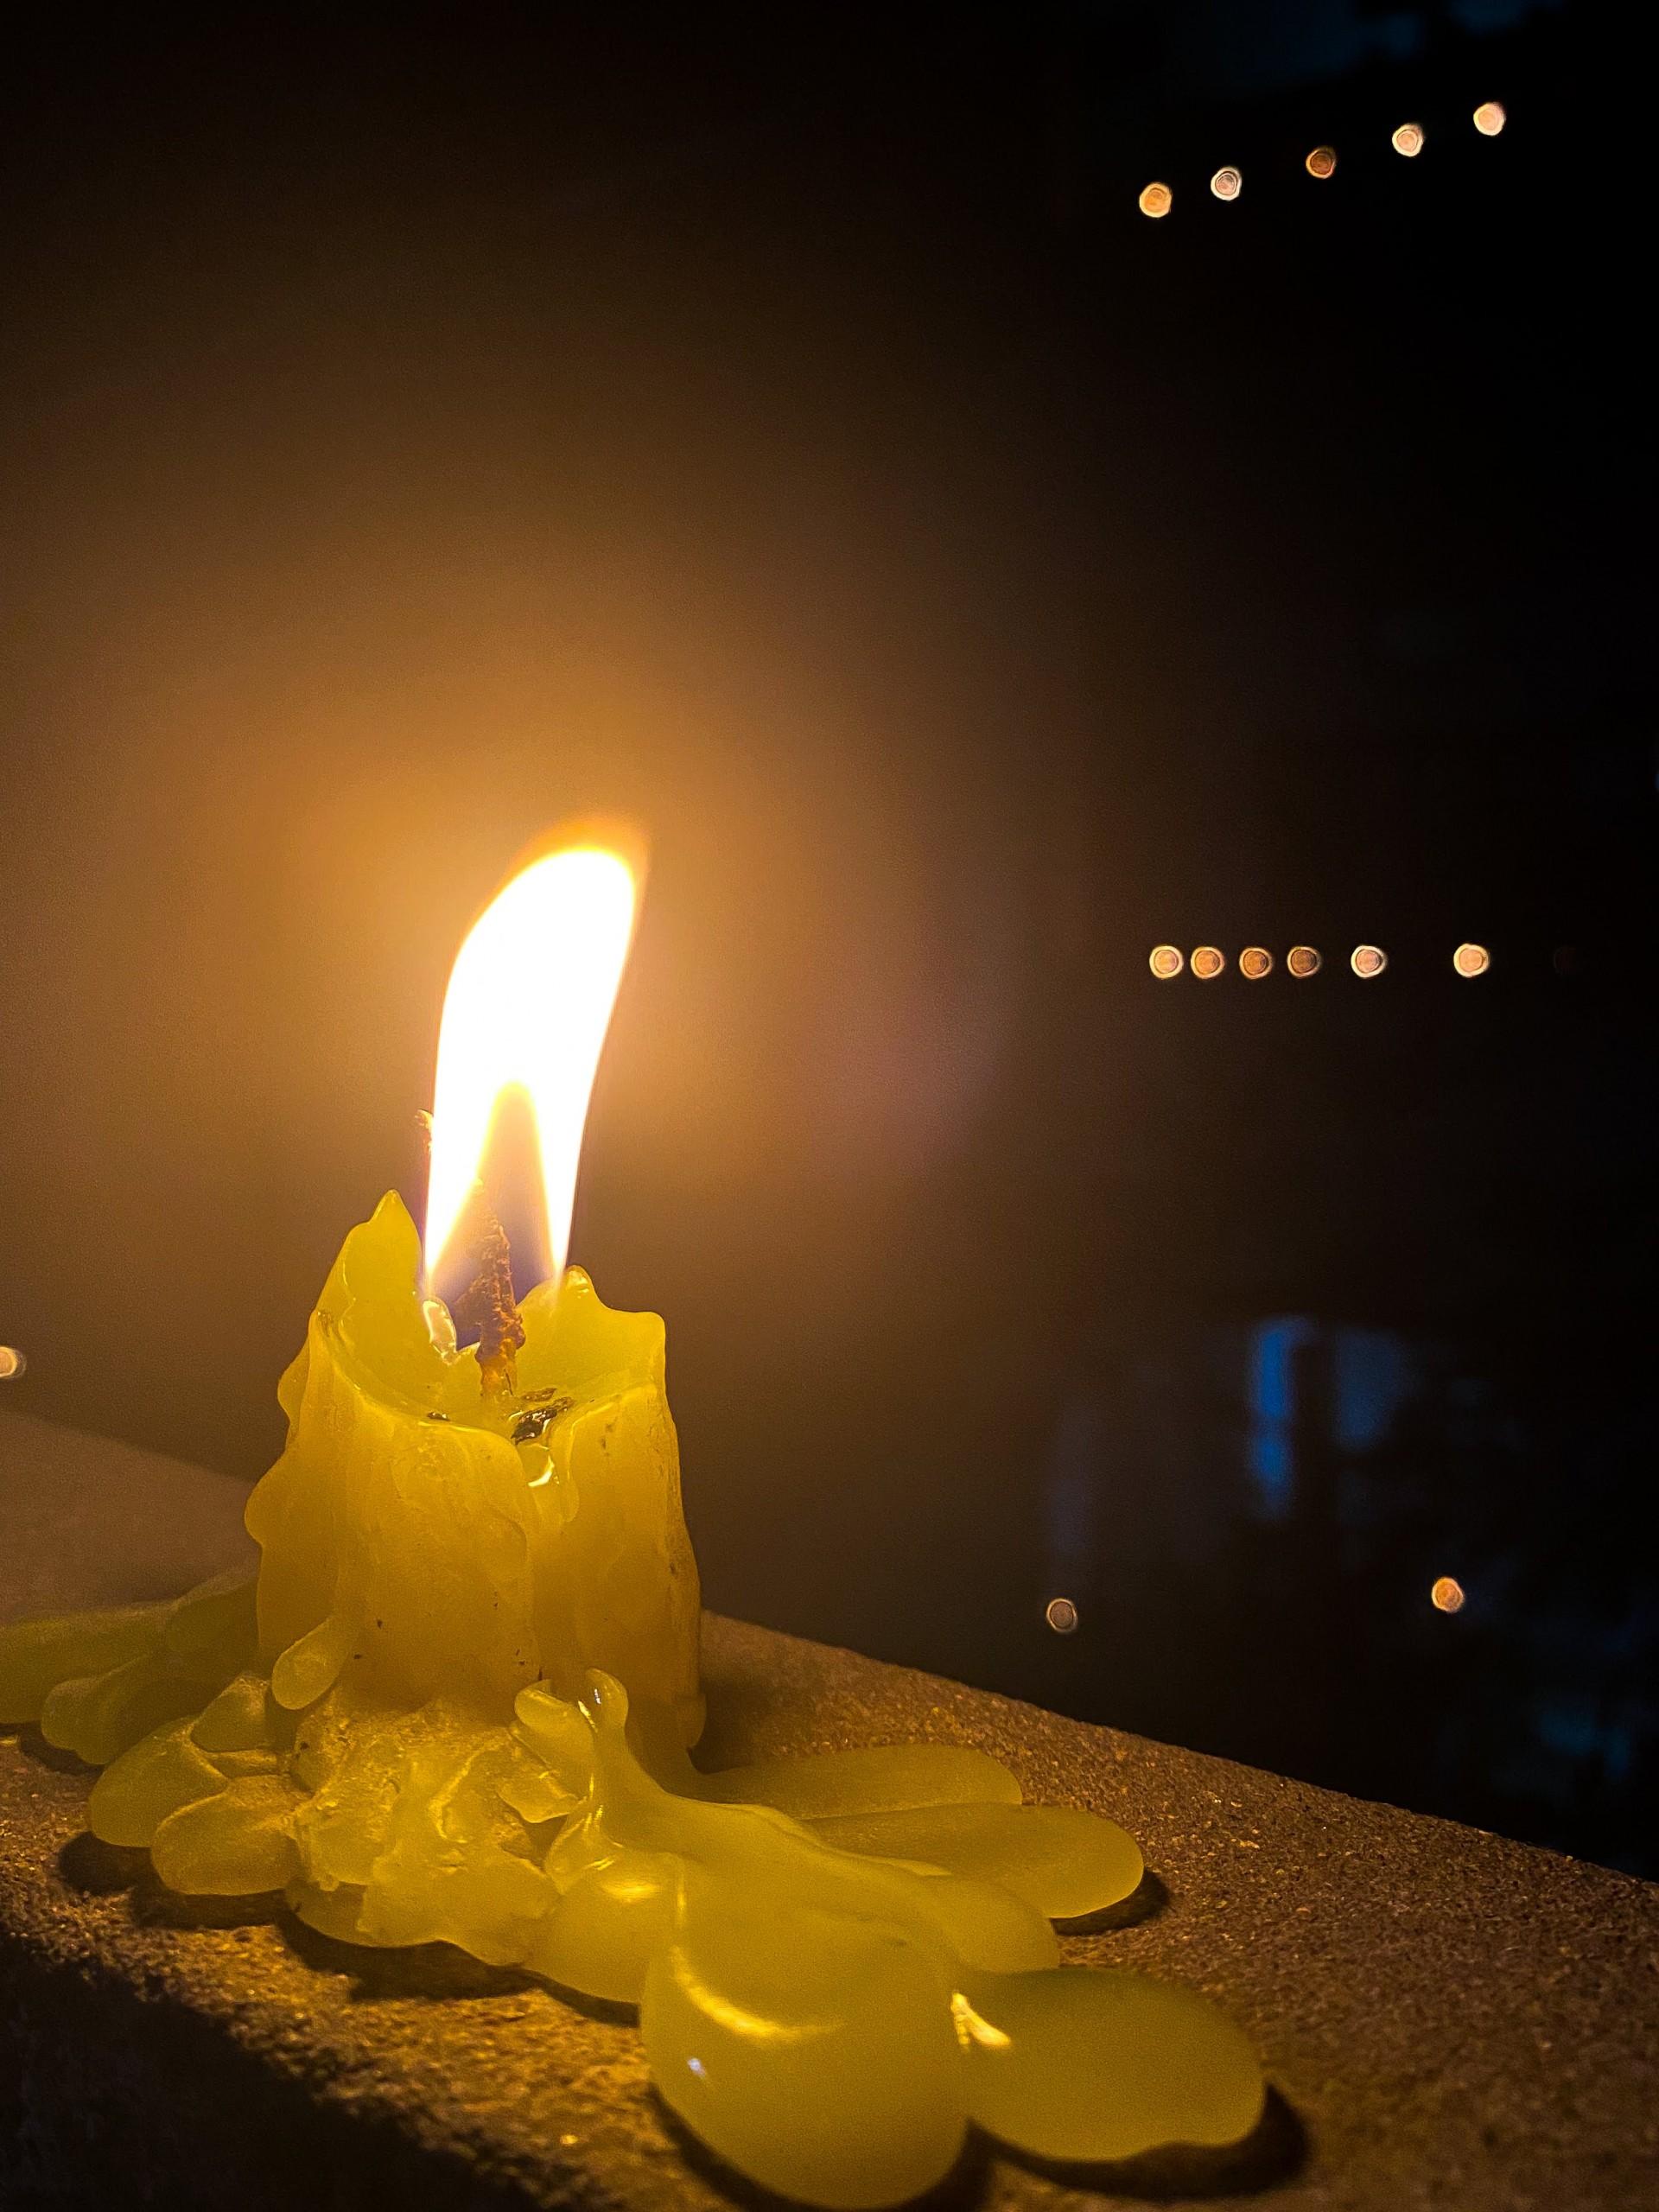 Melting Candle